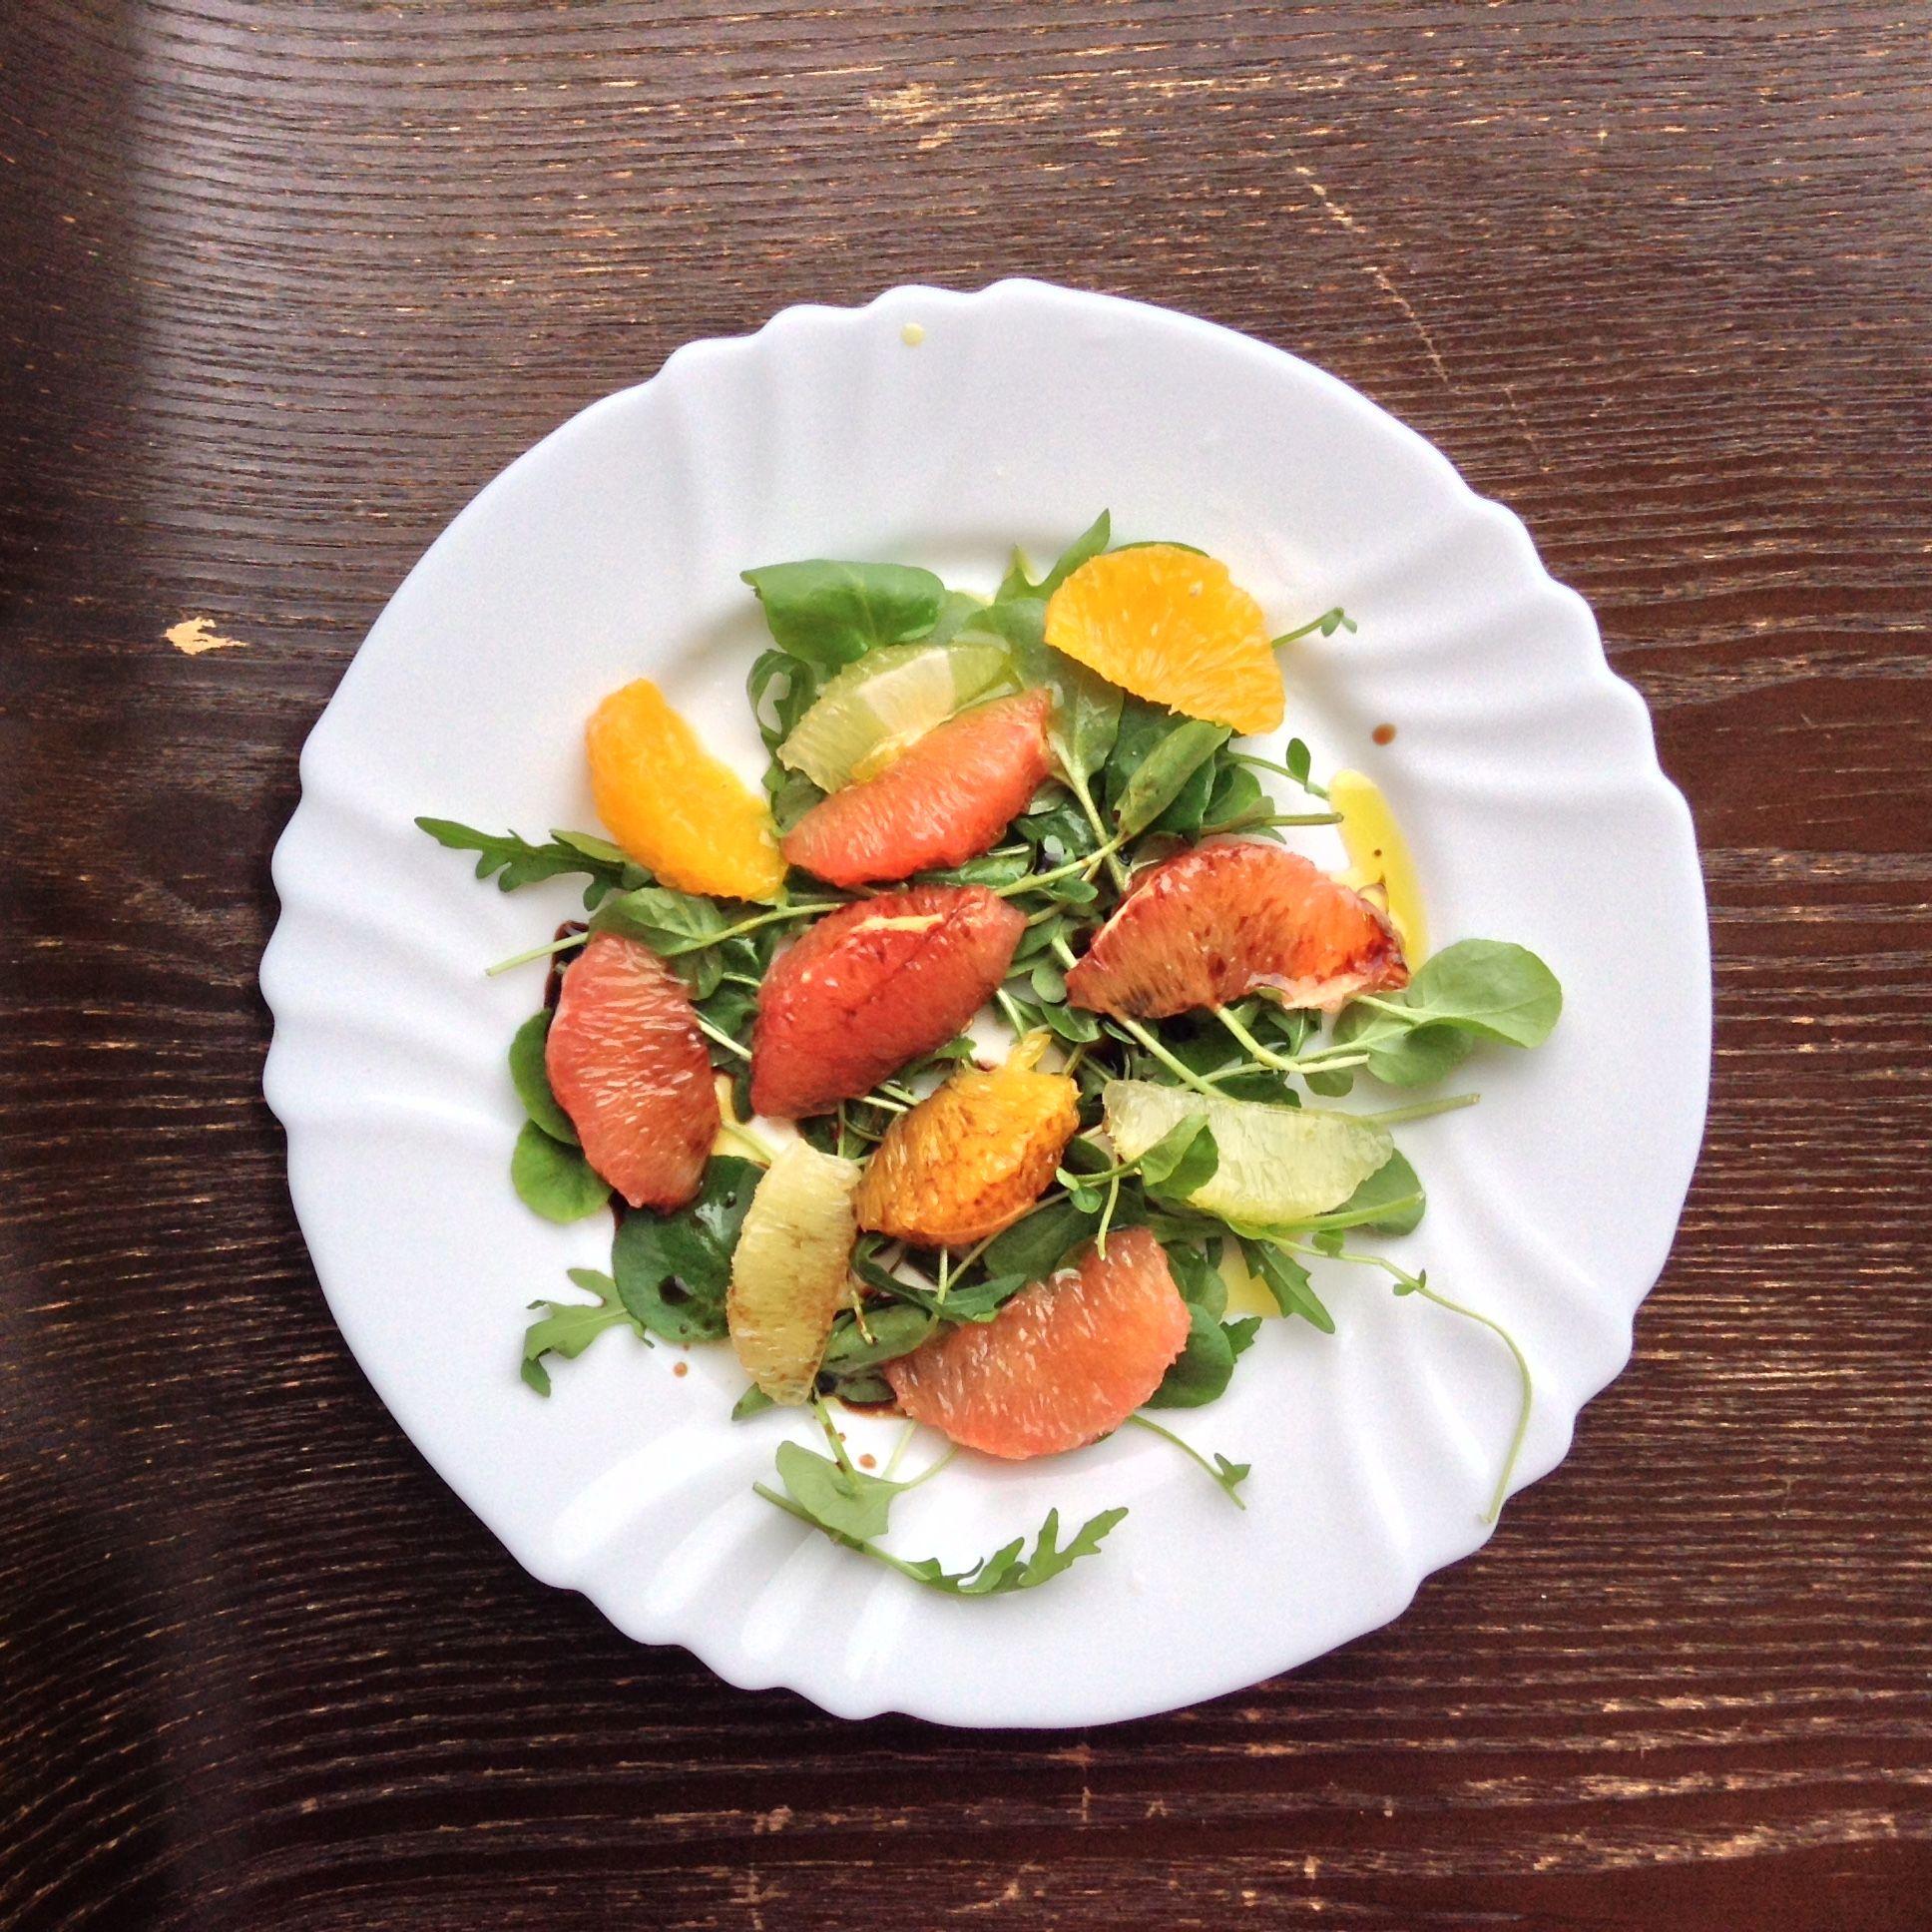 Toranja, Limão e laranja em cama de Rúcula e Agrião, temperados com azeite extra virgem e vinagre balsâmico. Uma delicia adquada à época